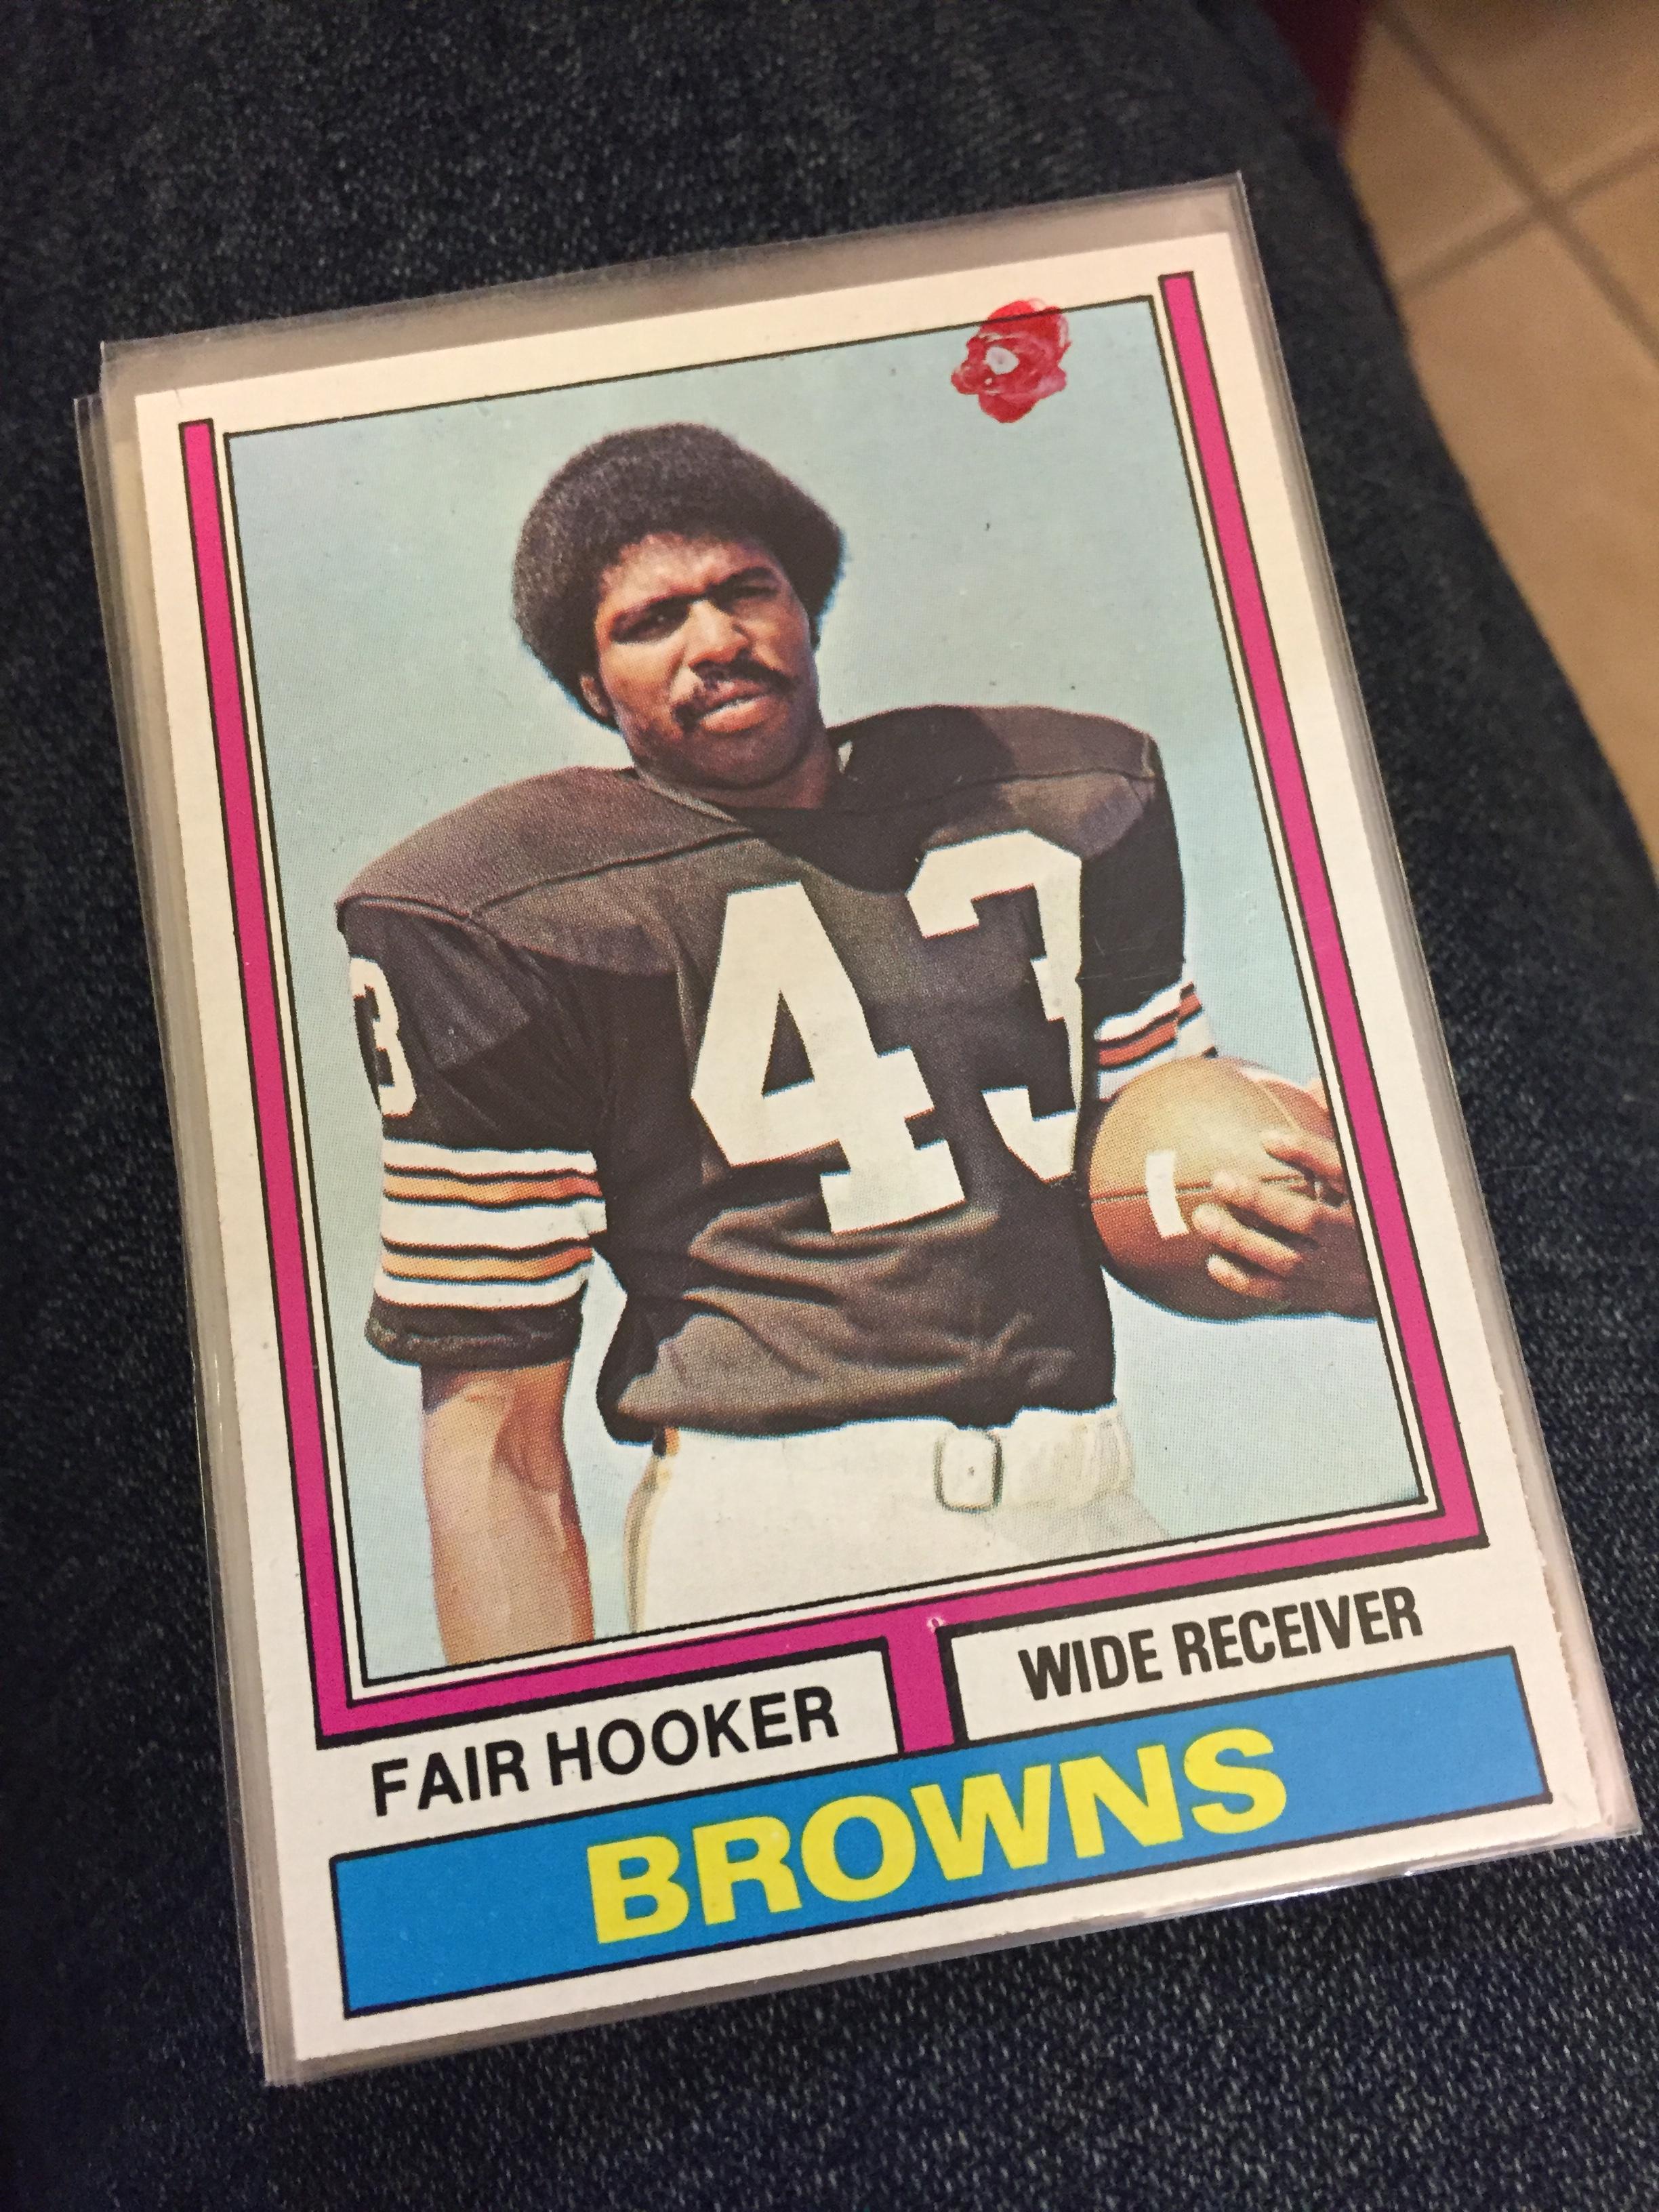 74 TO Fair Hooker